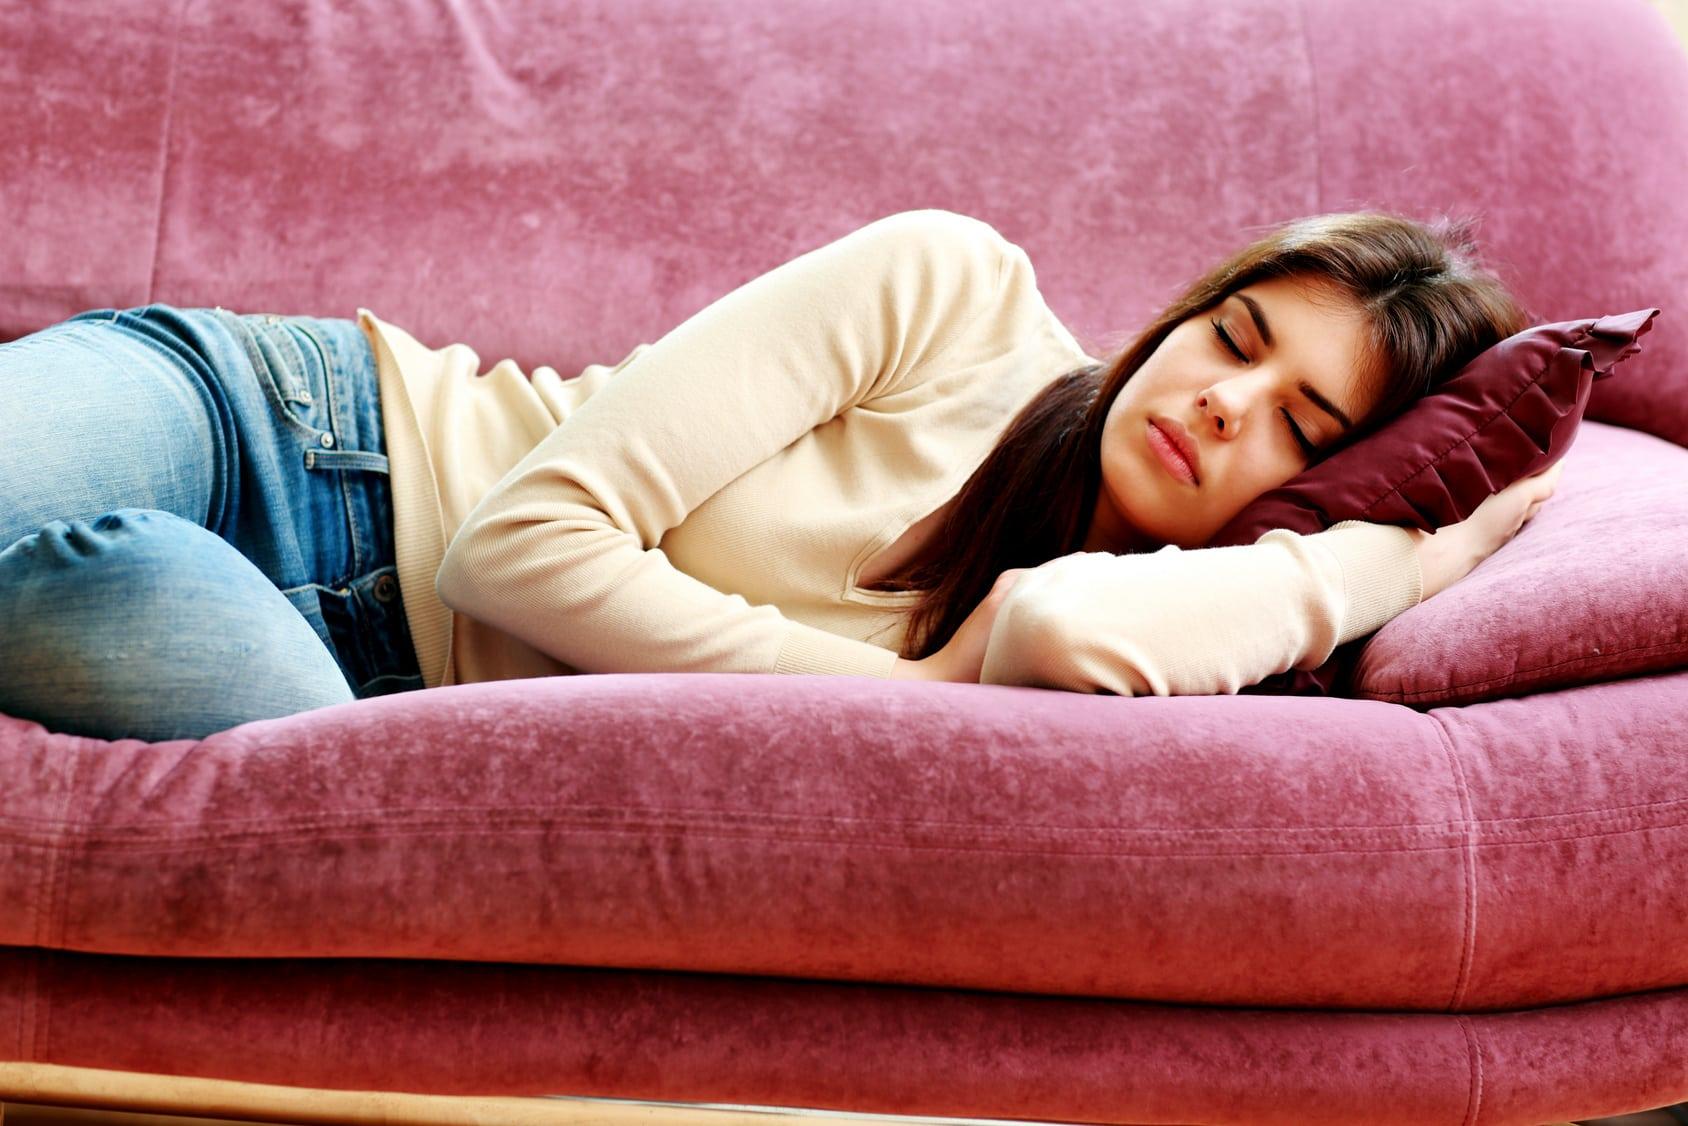 Imagenes De Persona Durmiendo: Trastornos Del Sueño En Pacientes Con ICTUS